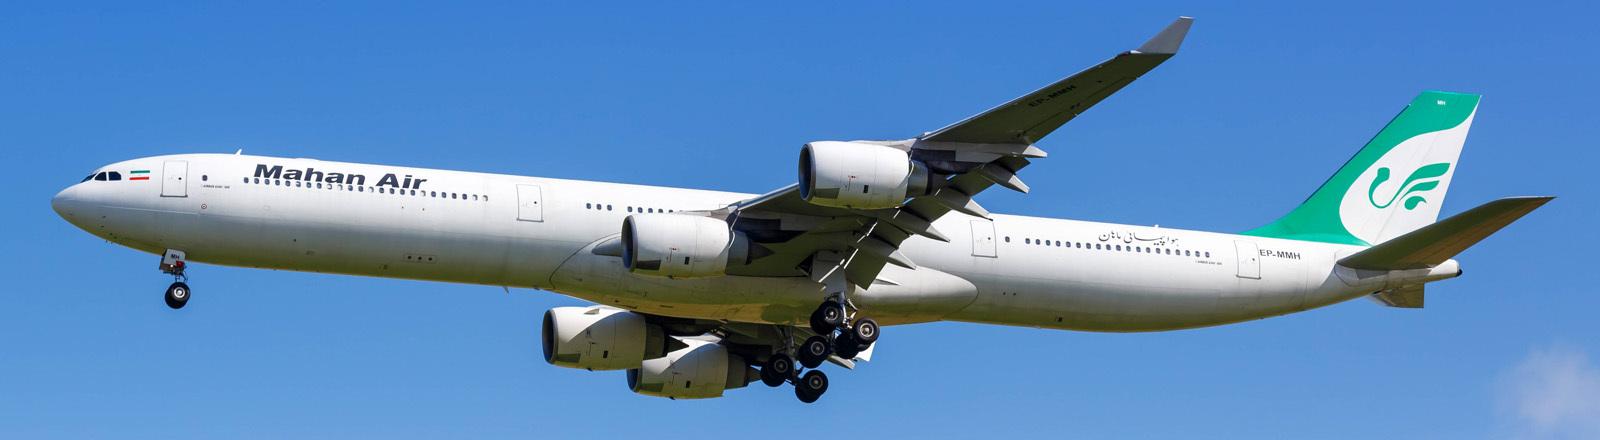 Ein Flugzeug der iranischen Airline Mahan